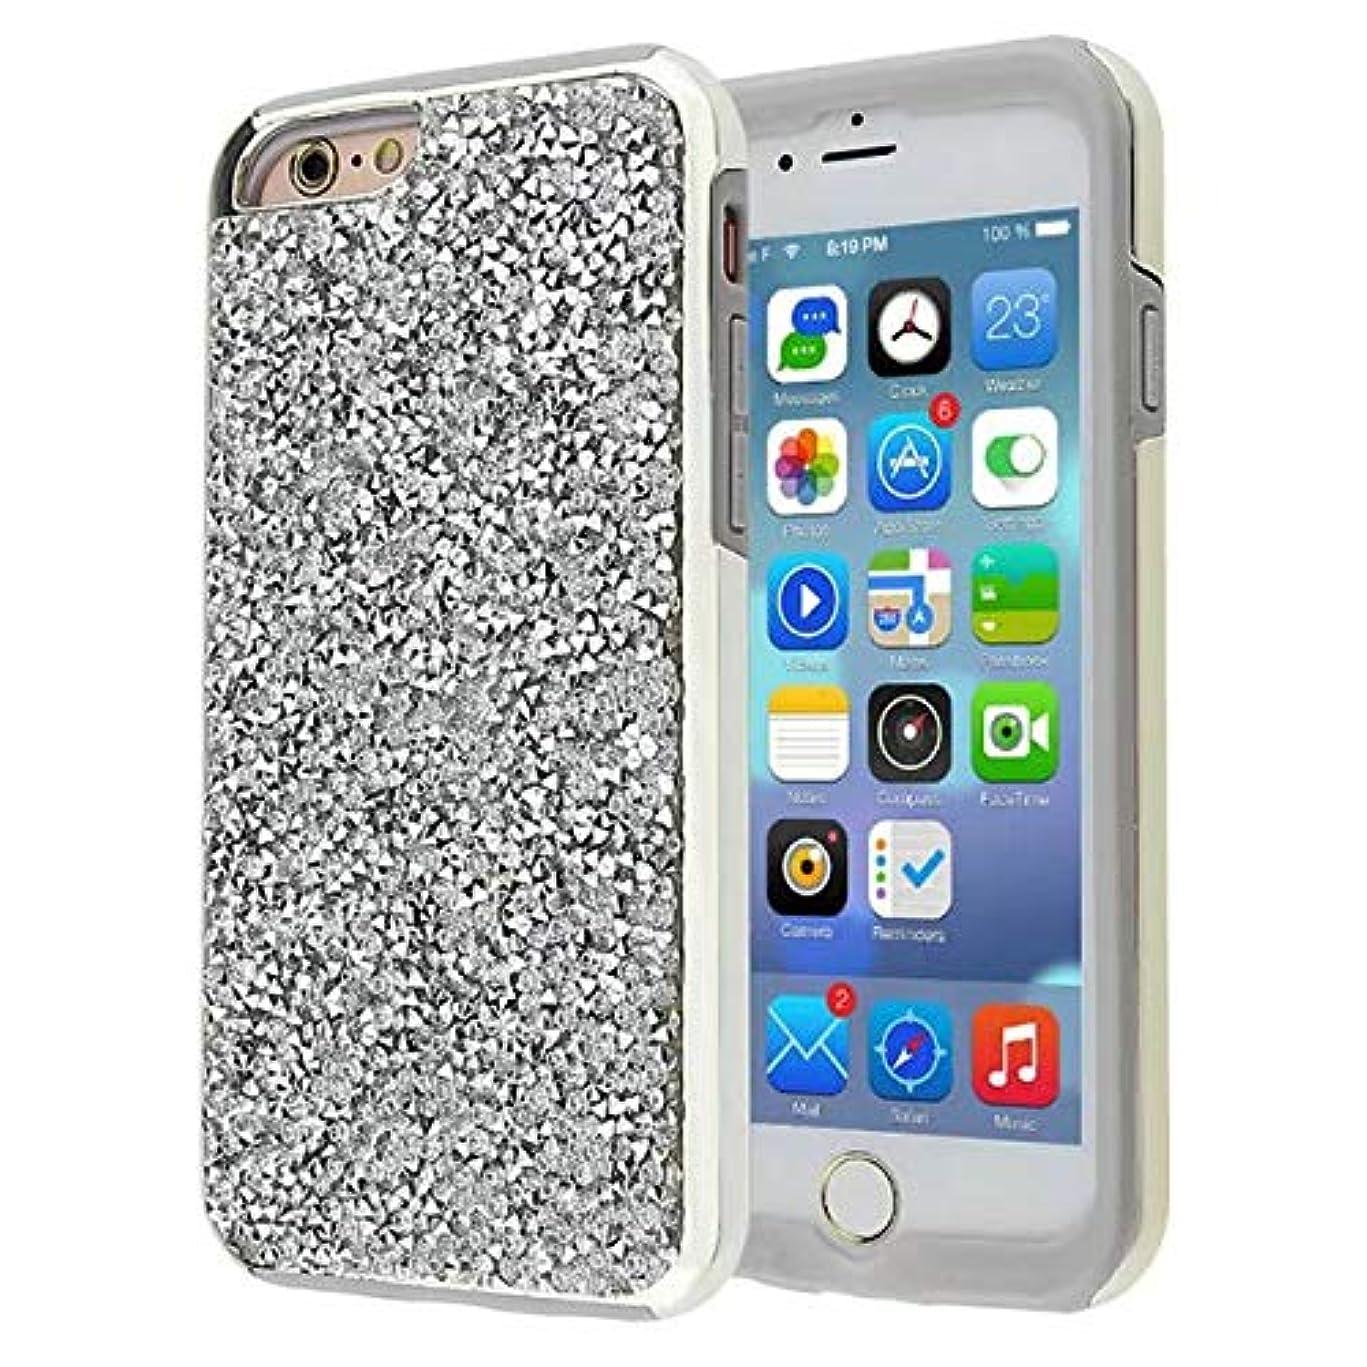 首相魔女アプトiPhone ケース レディース メンズ 携帯ケース キラキラ ラインストーン iPhone7/8/7Plus/8Plus,iPhone X/XR,iPhoneXS/XS MAX (iphonexsmax ケース)